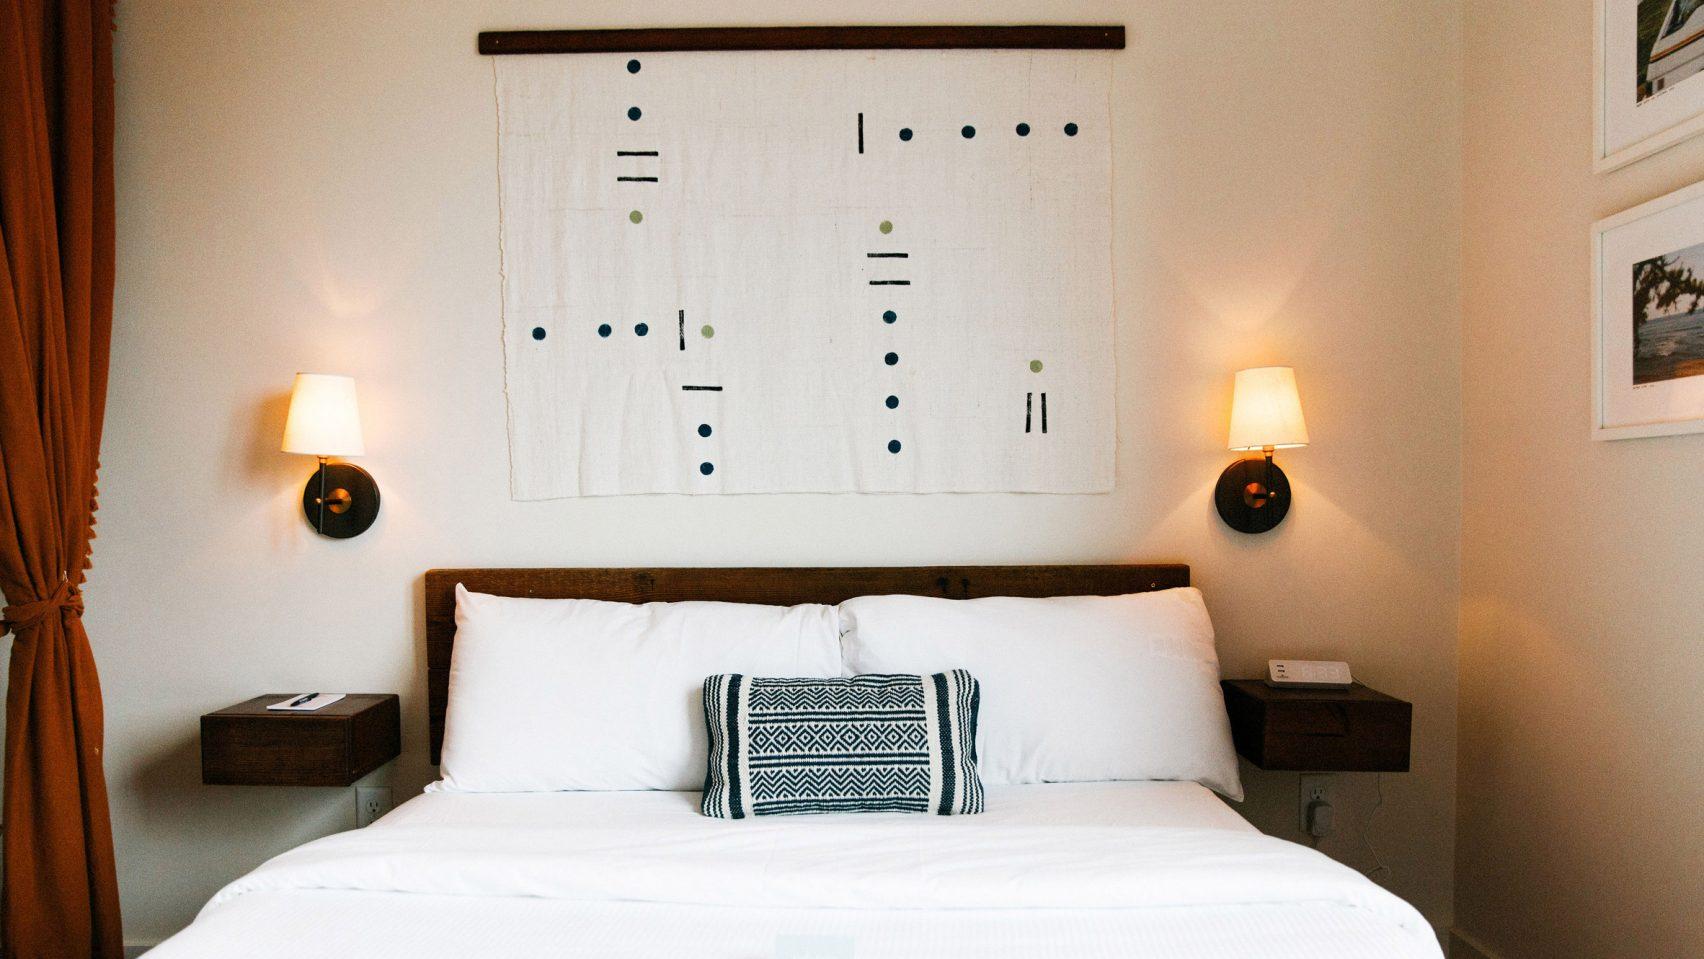 khách sạn Savannah 2